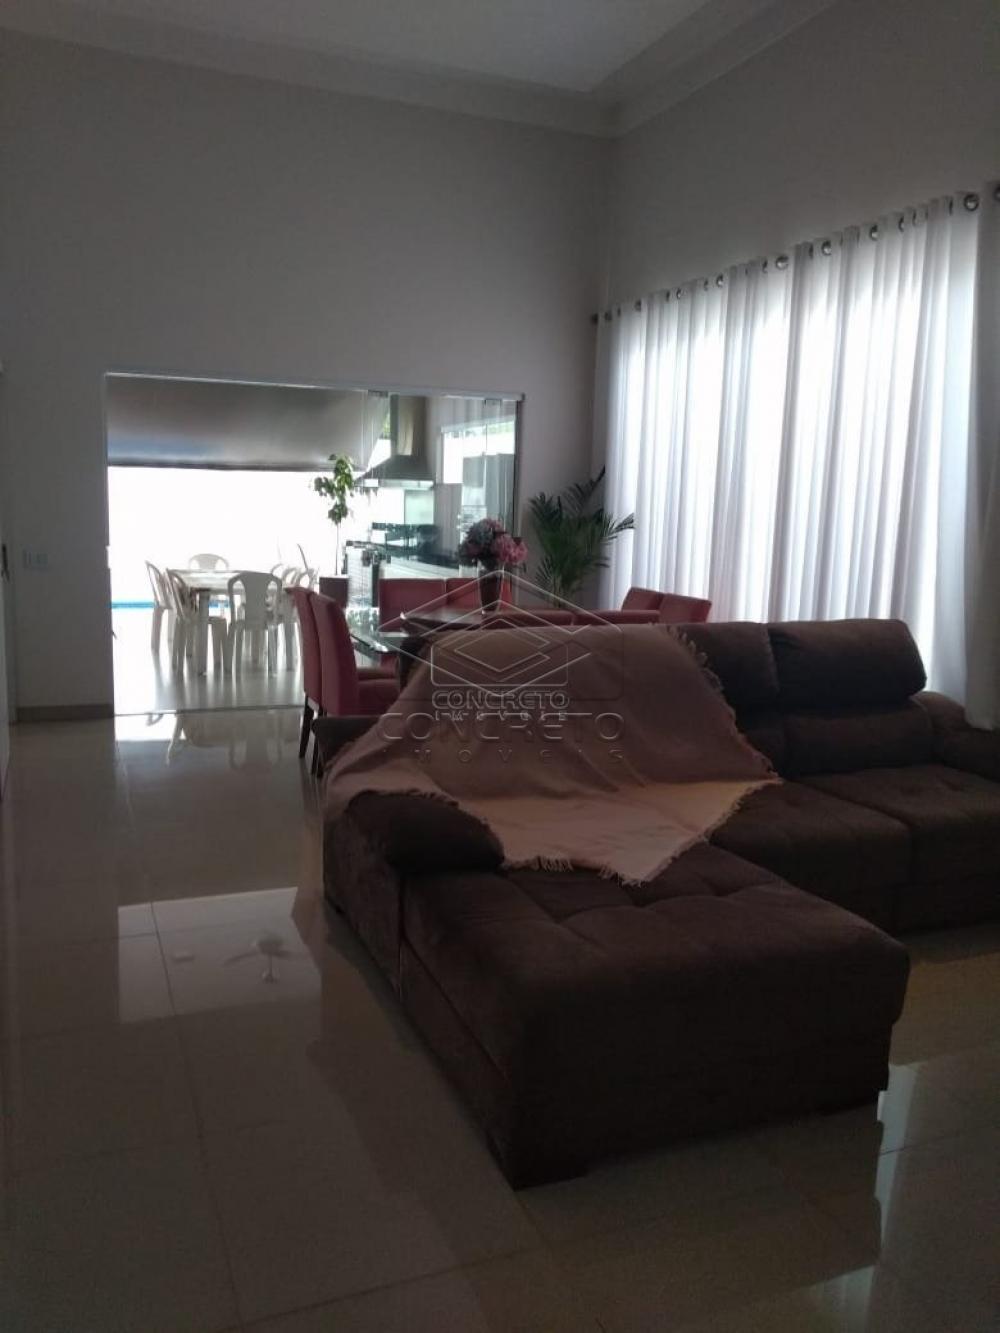 Comprar Casa / Padrão em Bauru apenas R$ 850.000,00 - Foto 12